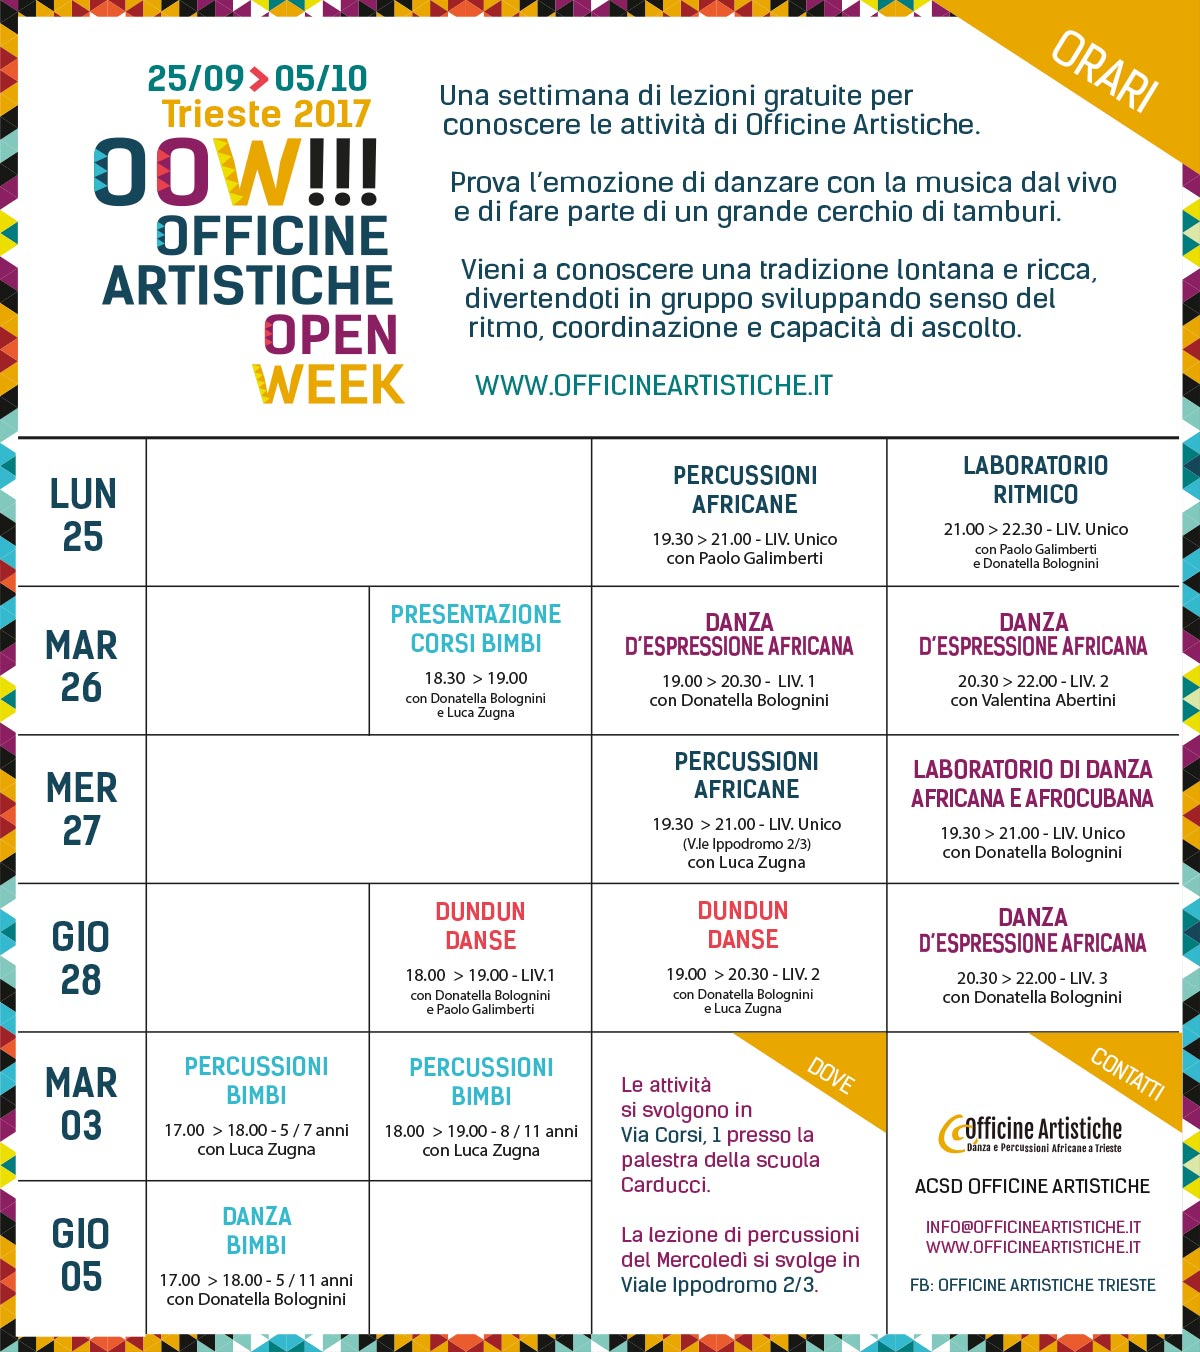 Orario_OOW_2017_Definitivo